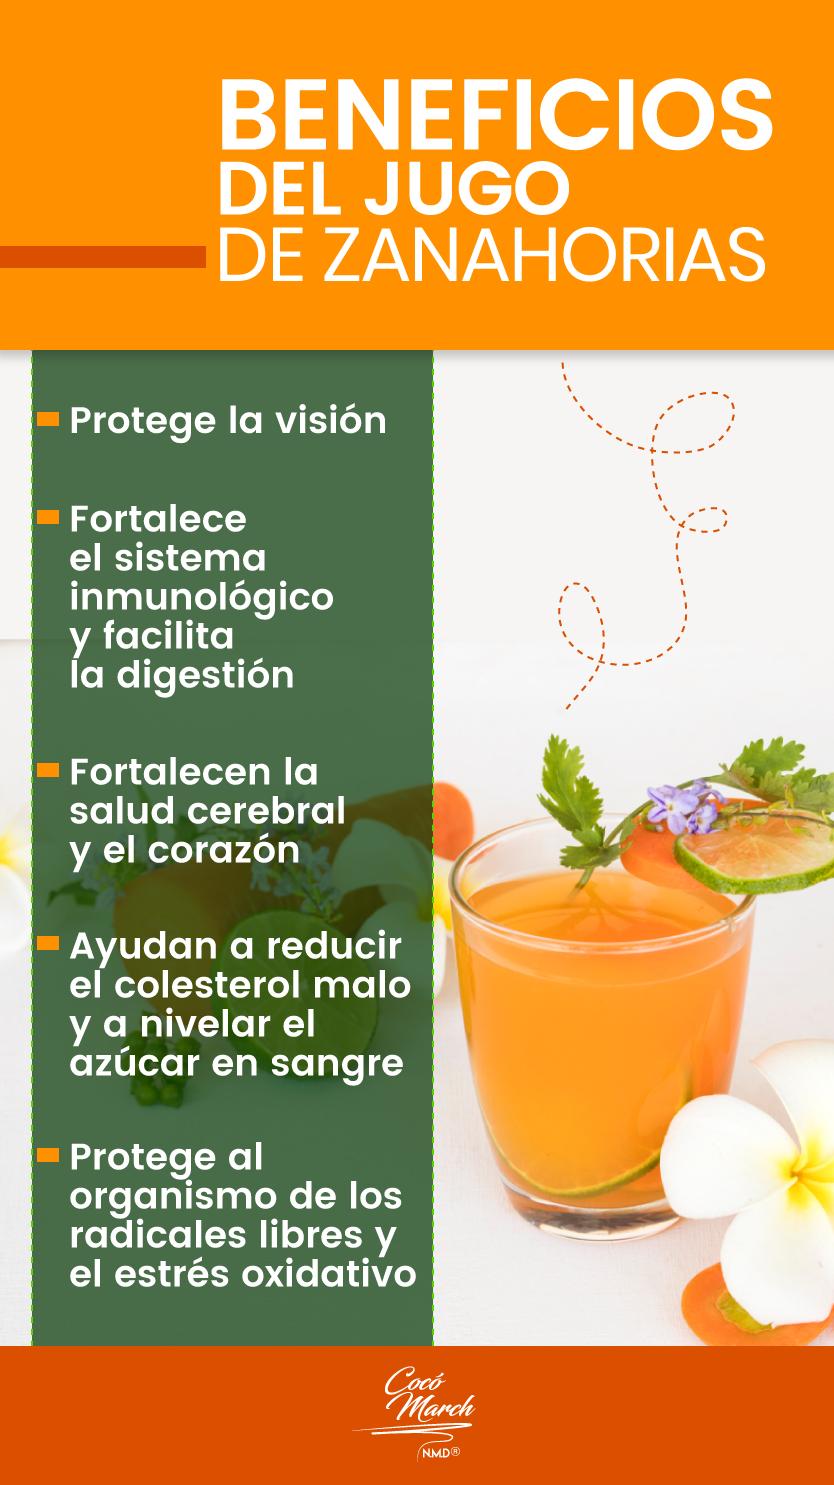 13 Beneficios Del Jugo De Zanahoria Que No Conocías Jugo De Zanahoria Beneficios Jugos Jugos Saludables